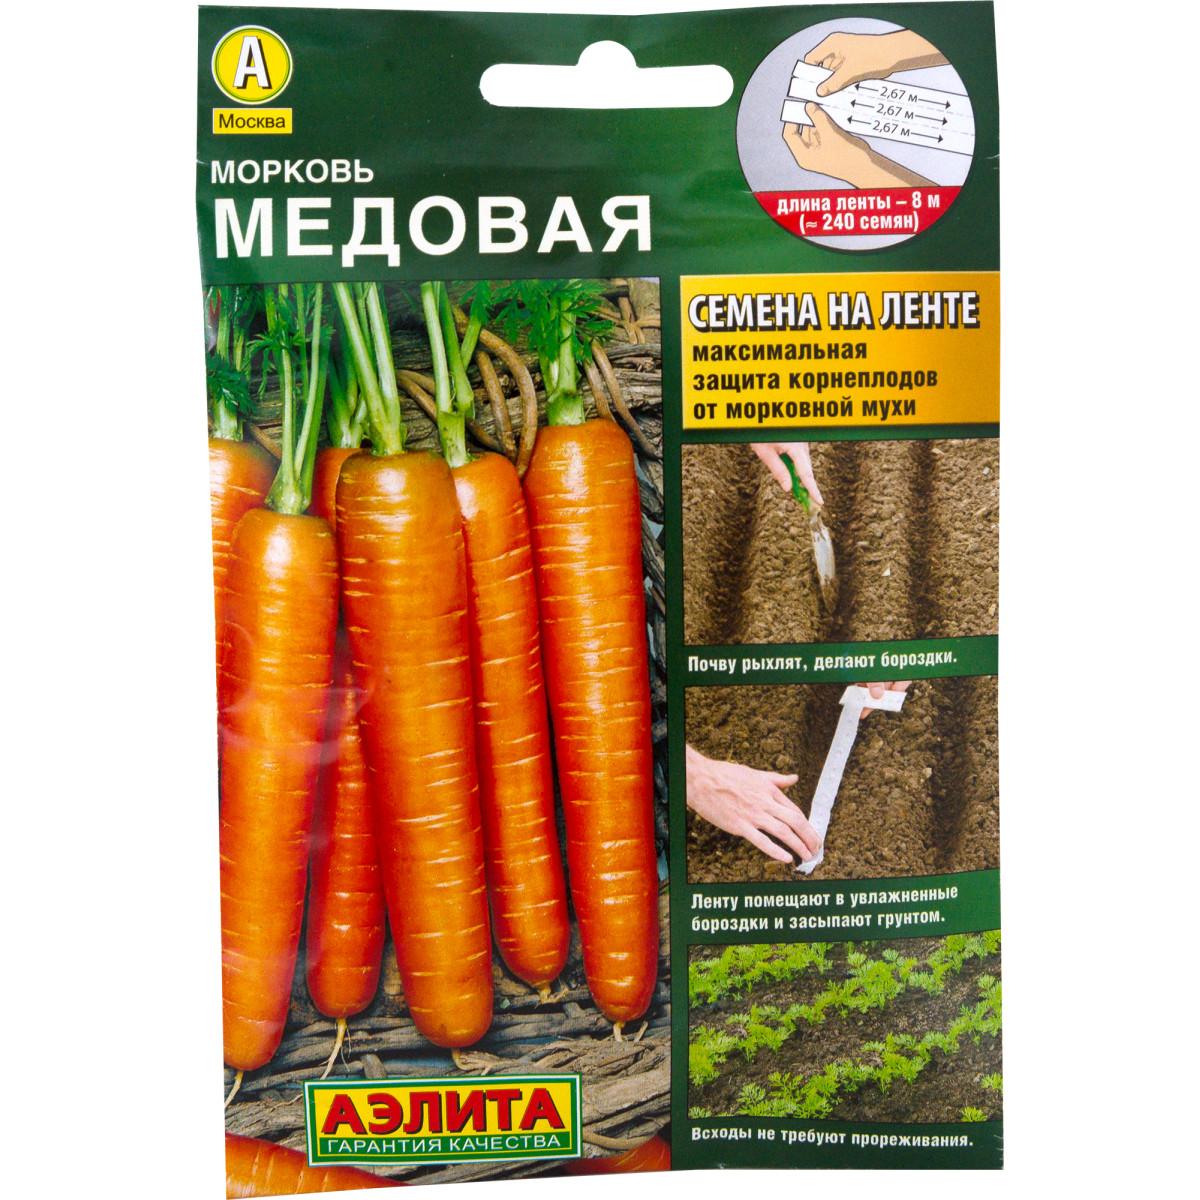 Семена Морковь Медовая на ленте 8 м